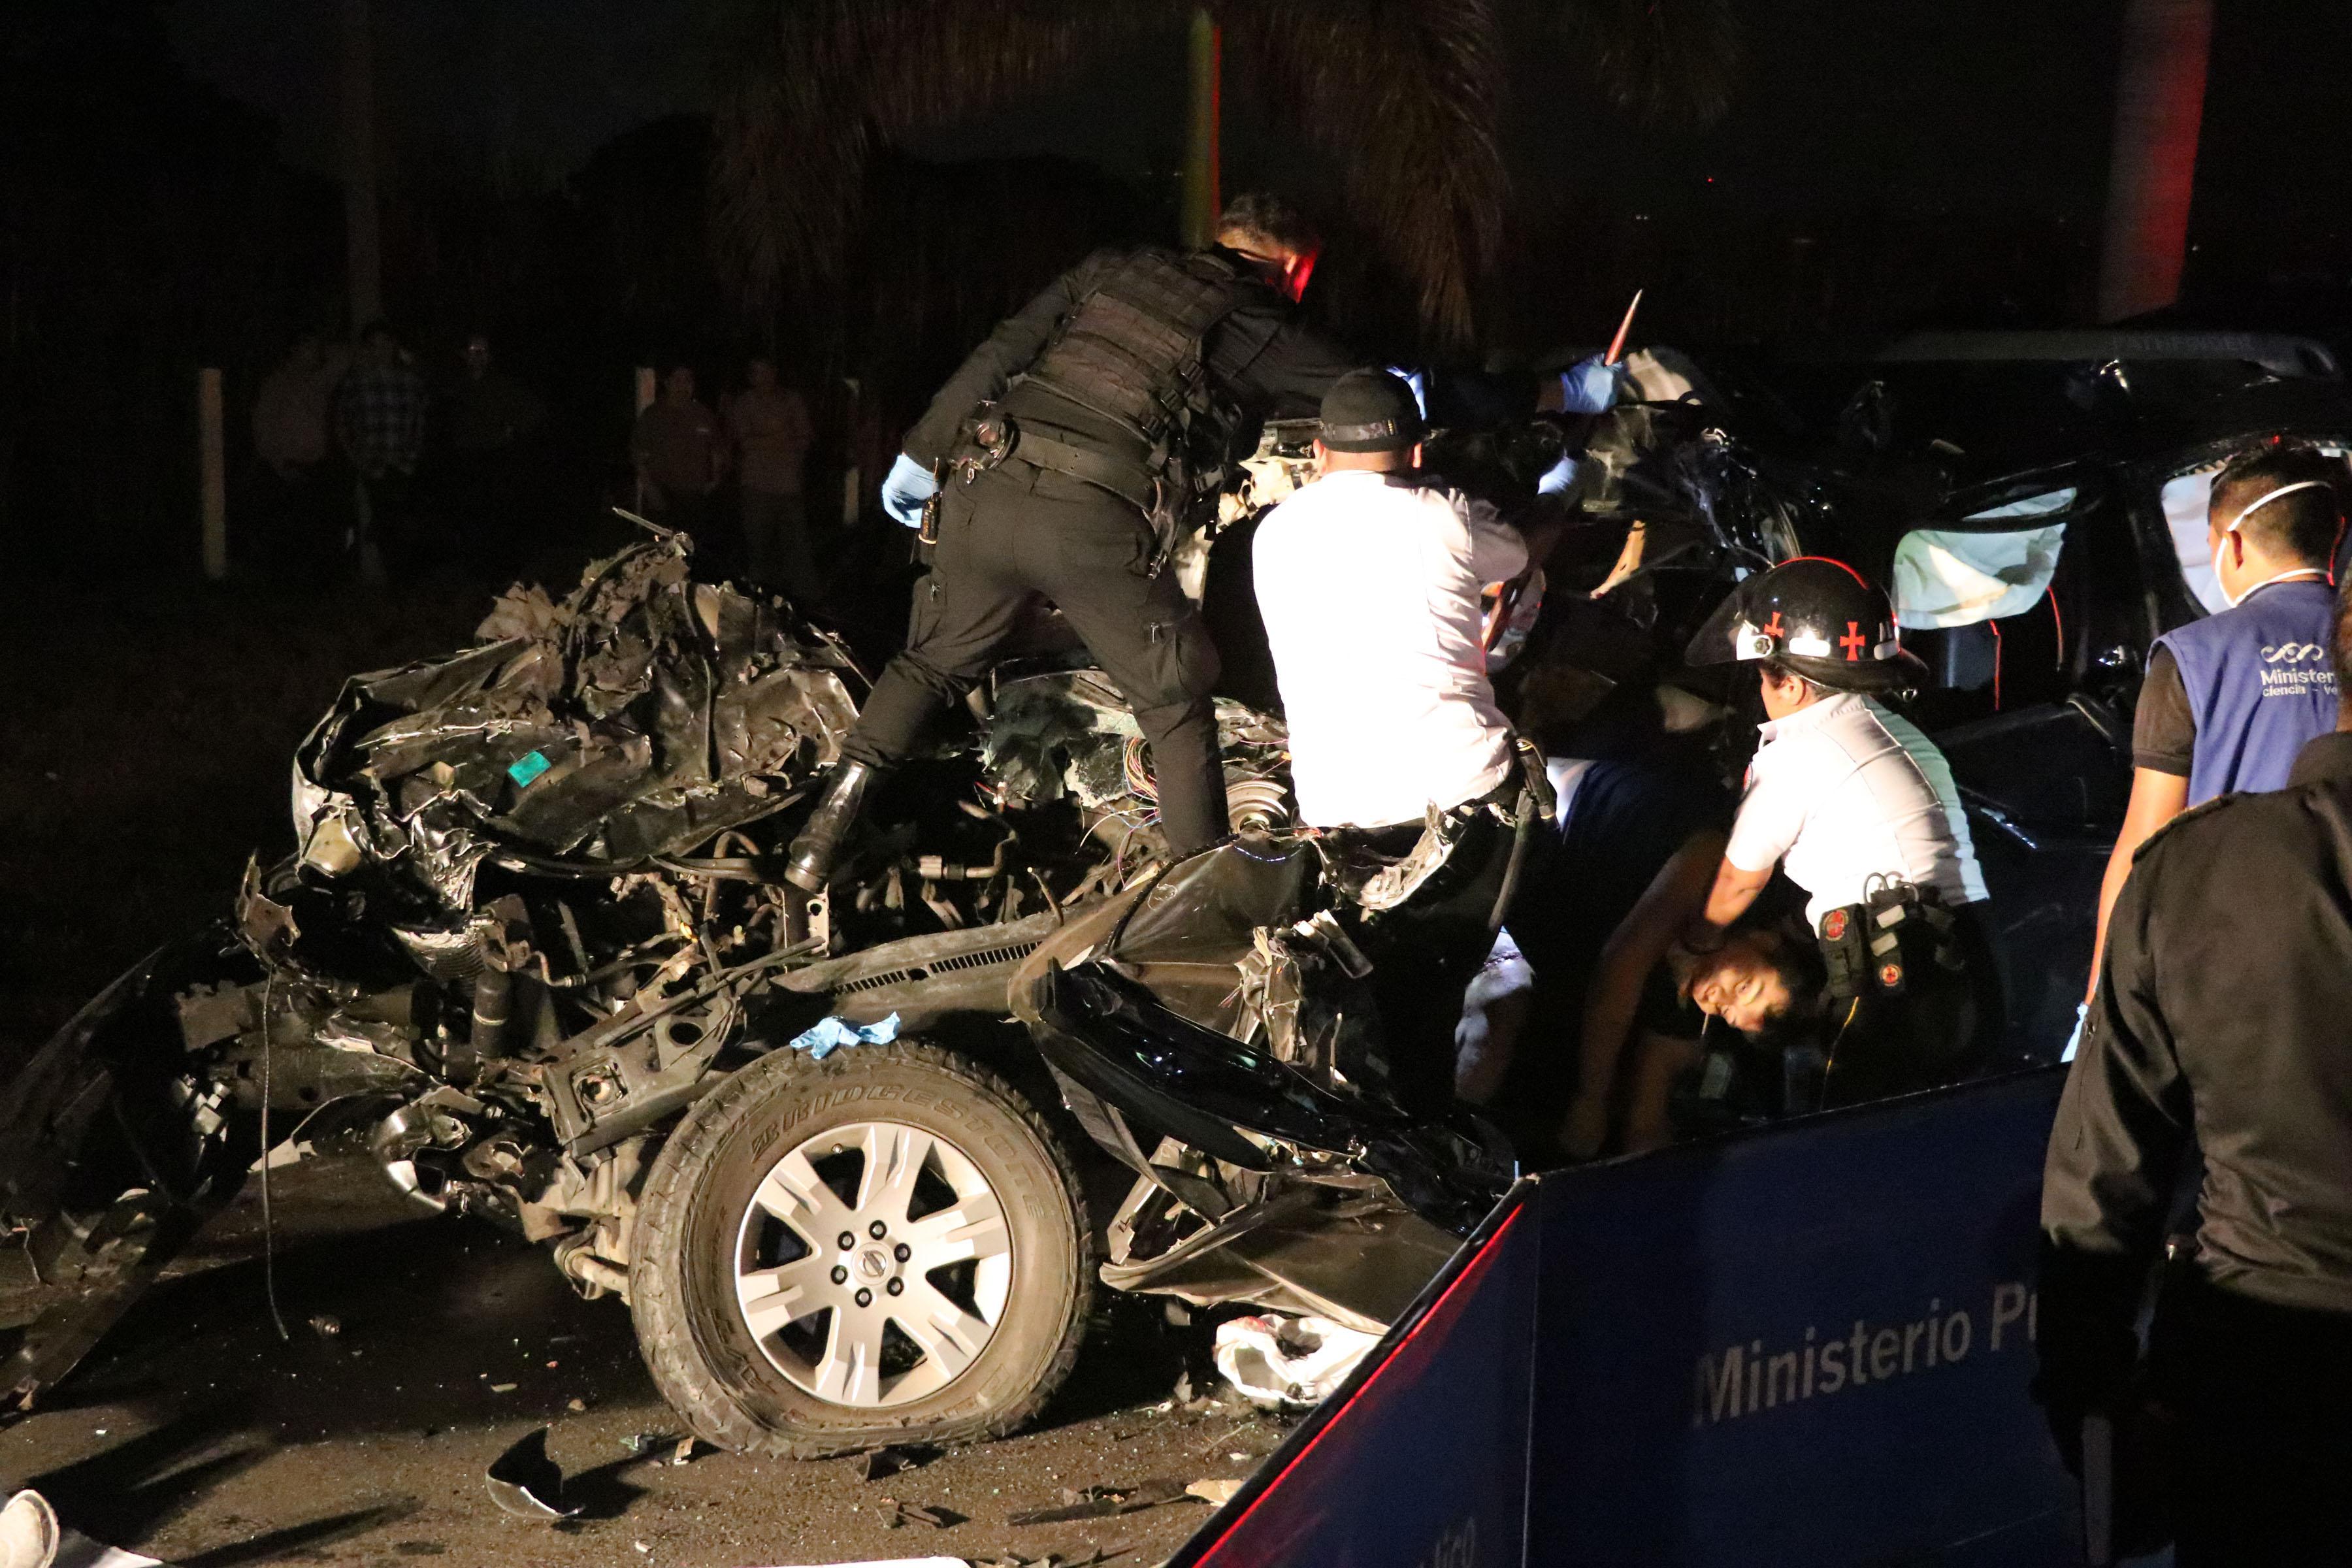 Apoyados con herramientas socorristas  rescatan el cuerpo de Leonardo Castillo. (Foto Prensa Libre: Enrique Paredes)